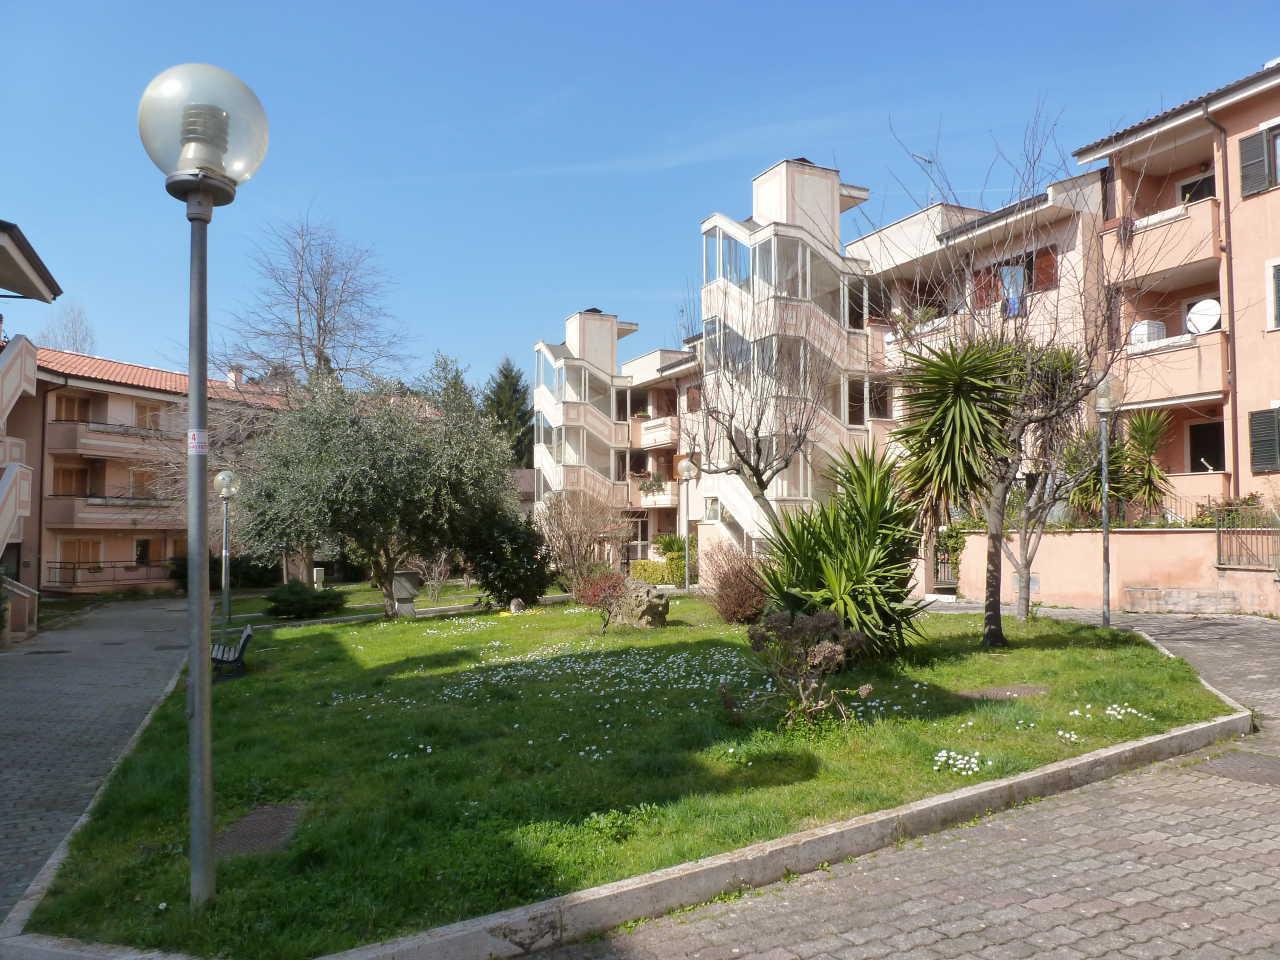 Appartamento in vendita a Grottaferrata, 5 locali, prezzo € 249.000 | CambioCasa.it